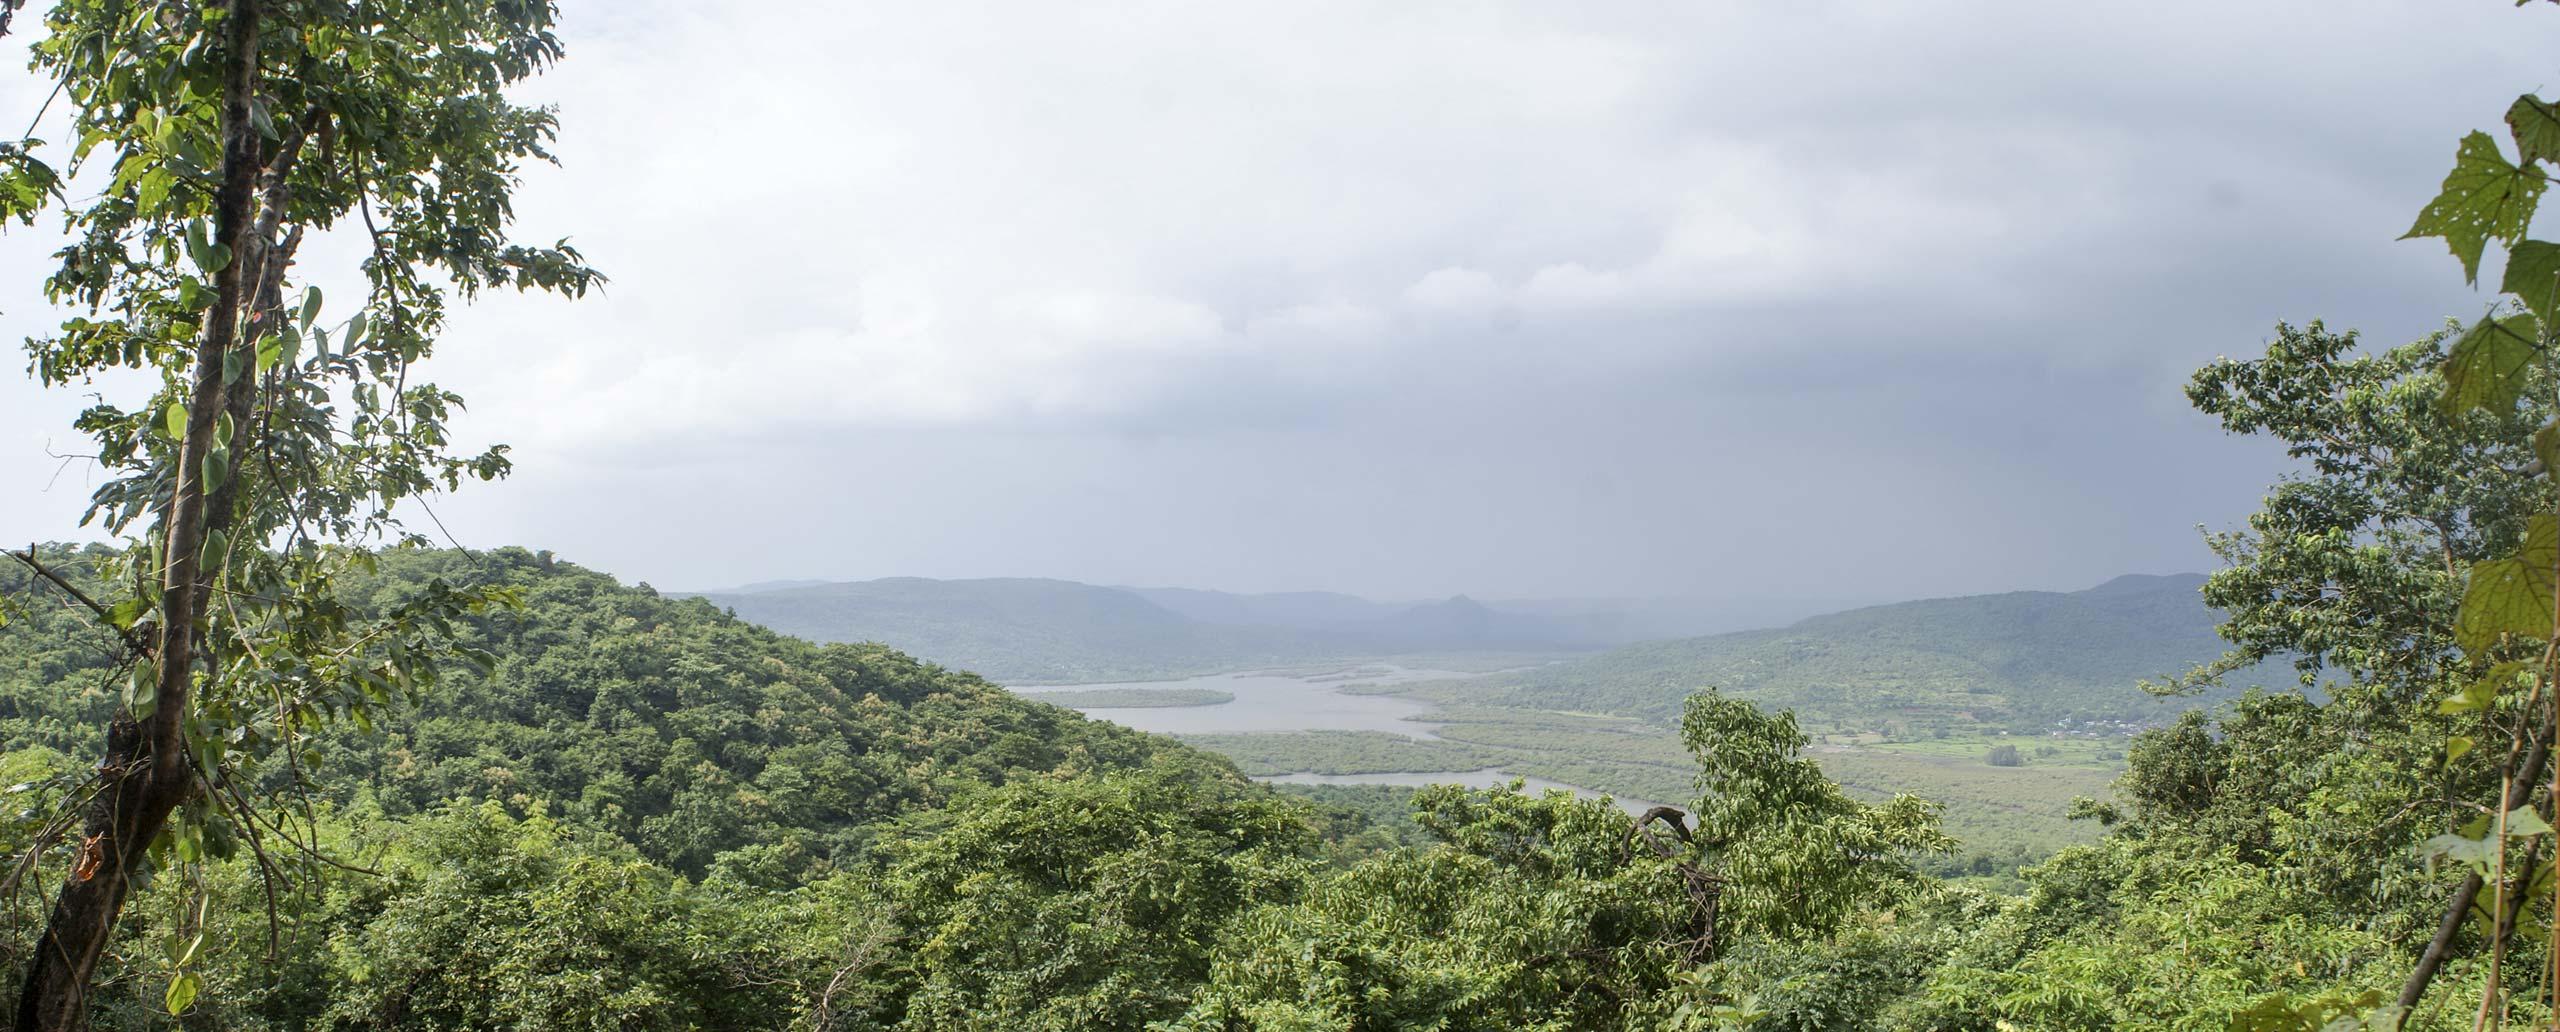 alibaug Maharashtra india